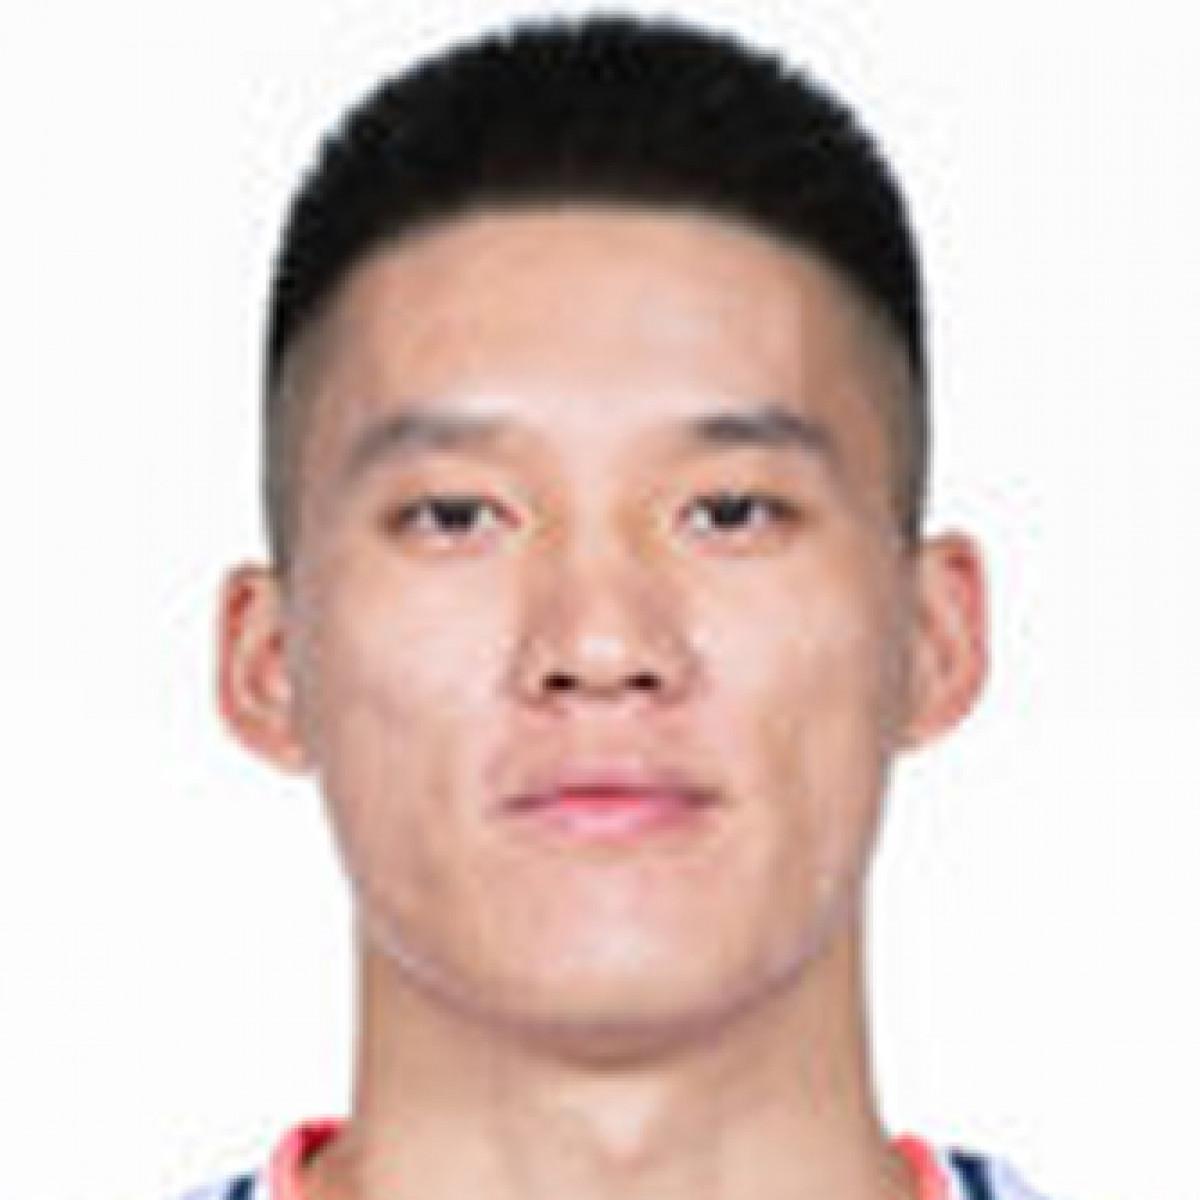 Fanri Zeng